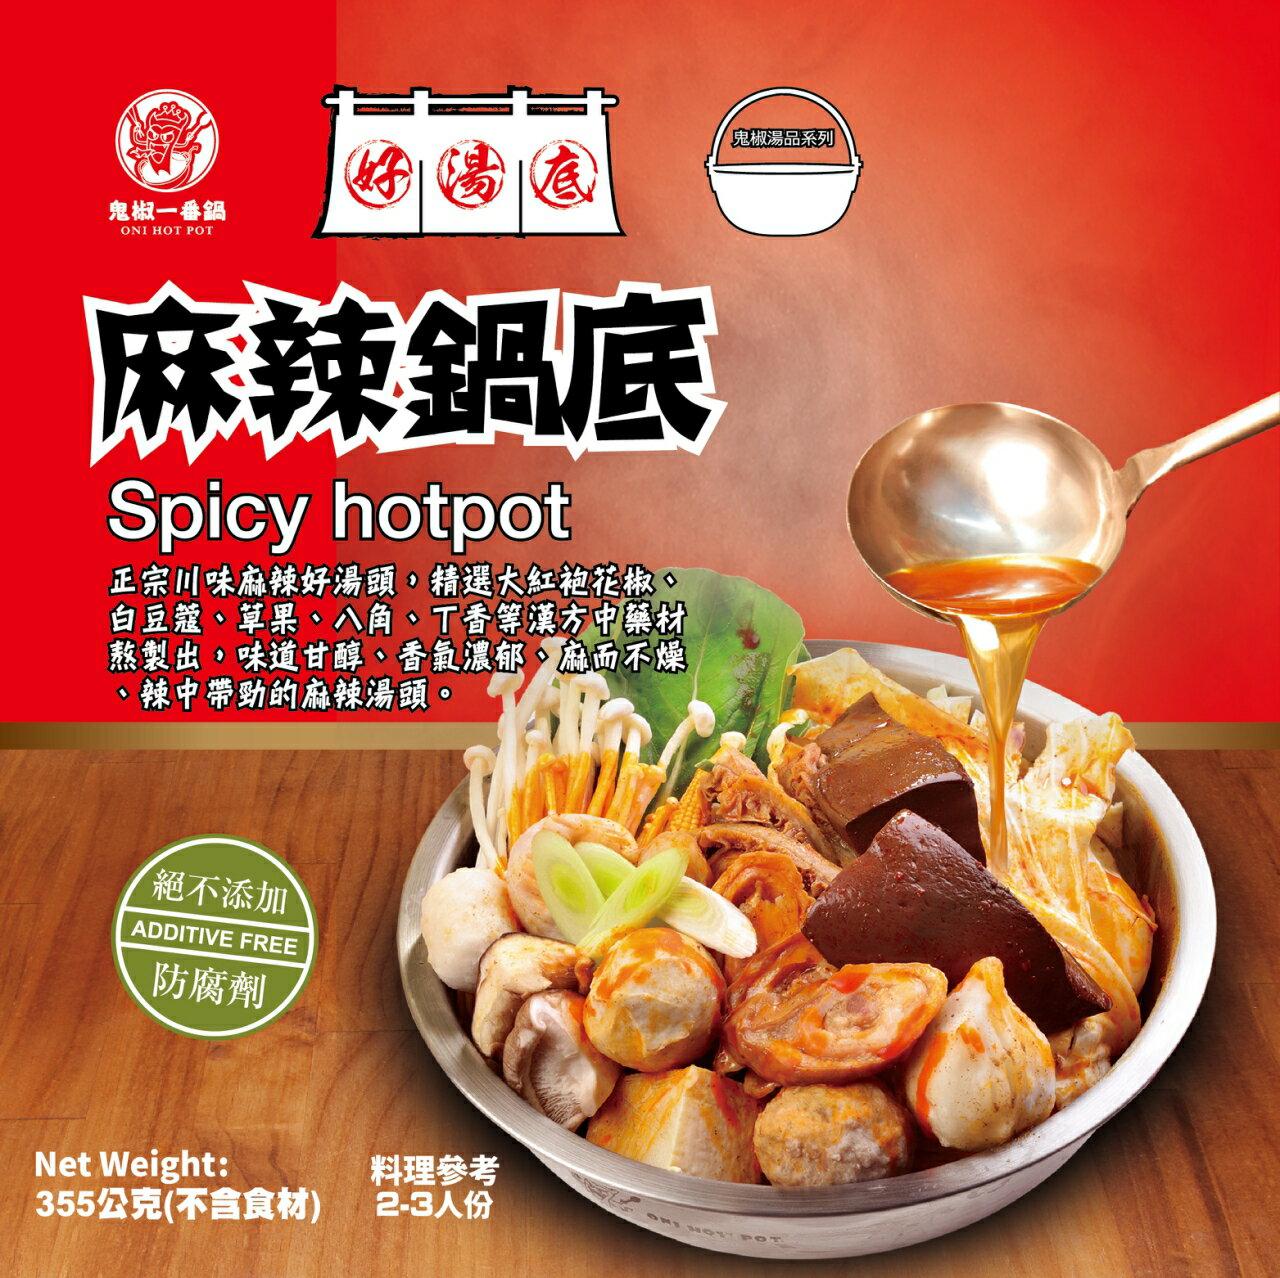 【鬼椒嚴選】麻辣+沙茶兩種火鍋湯底組合 1